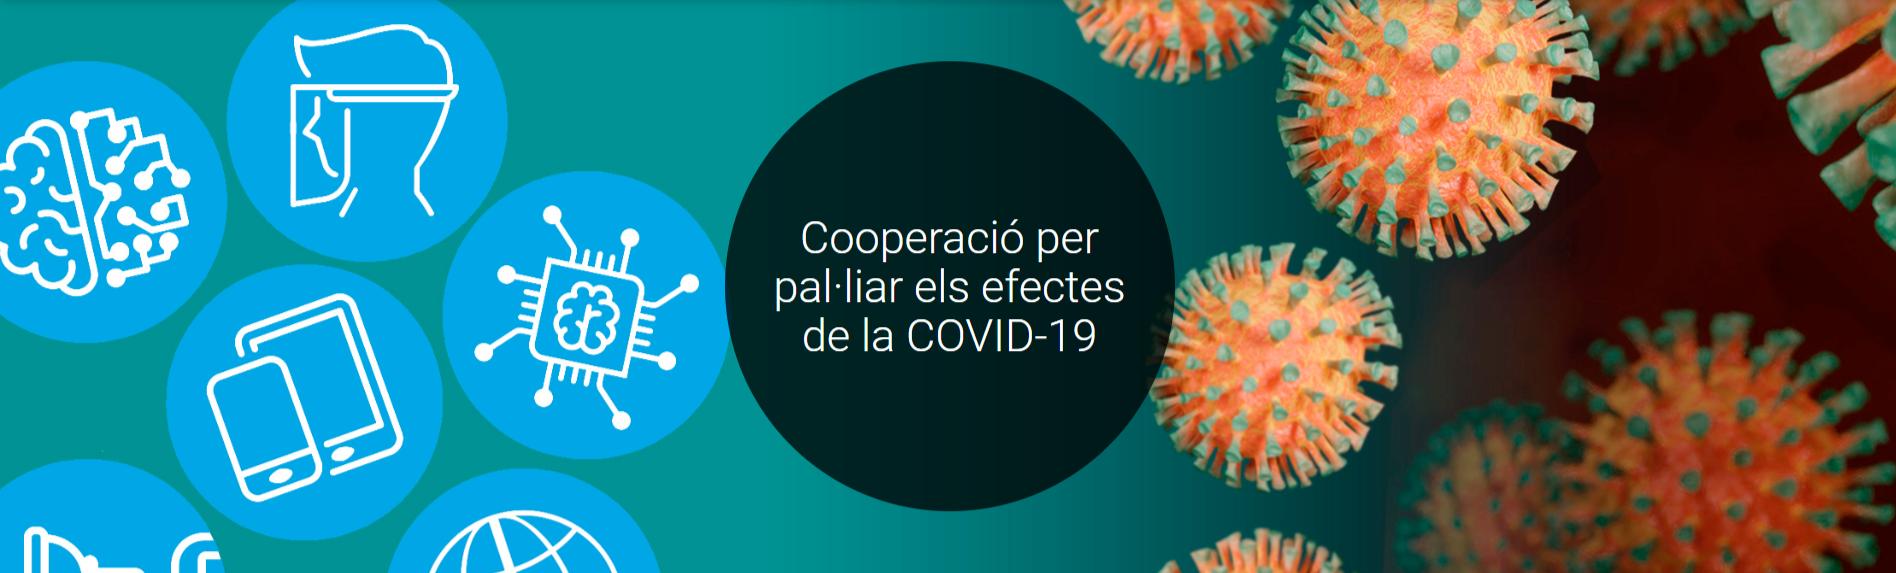 Cooperació per pal·liar els efectes de la COVID-19